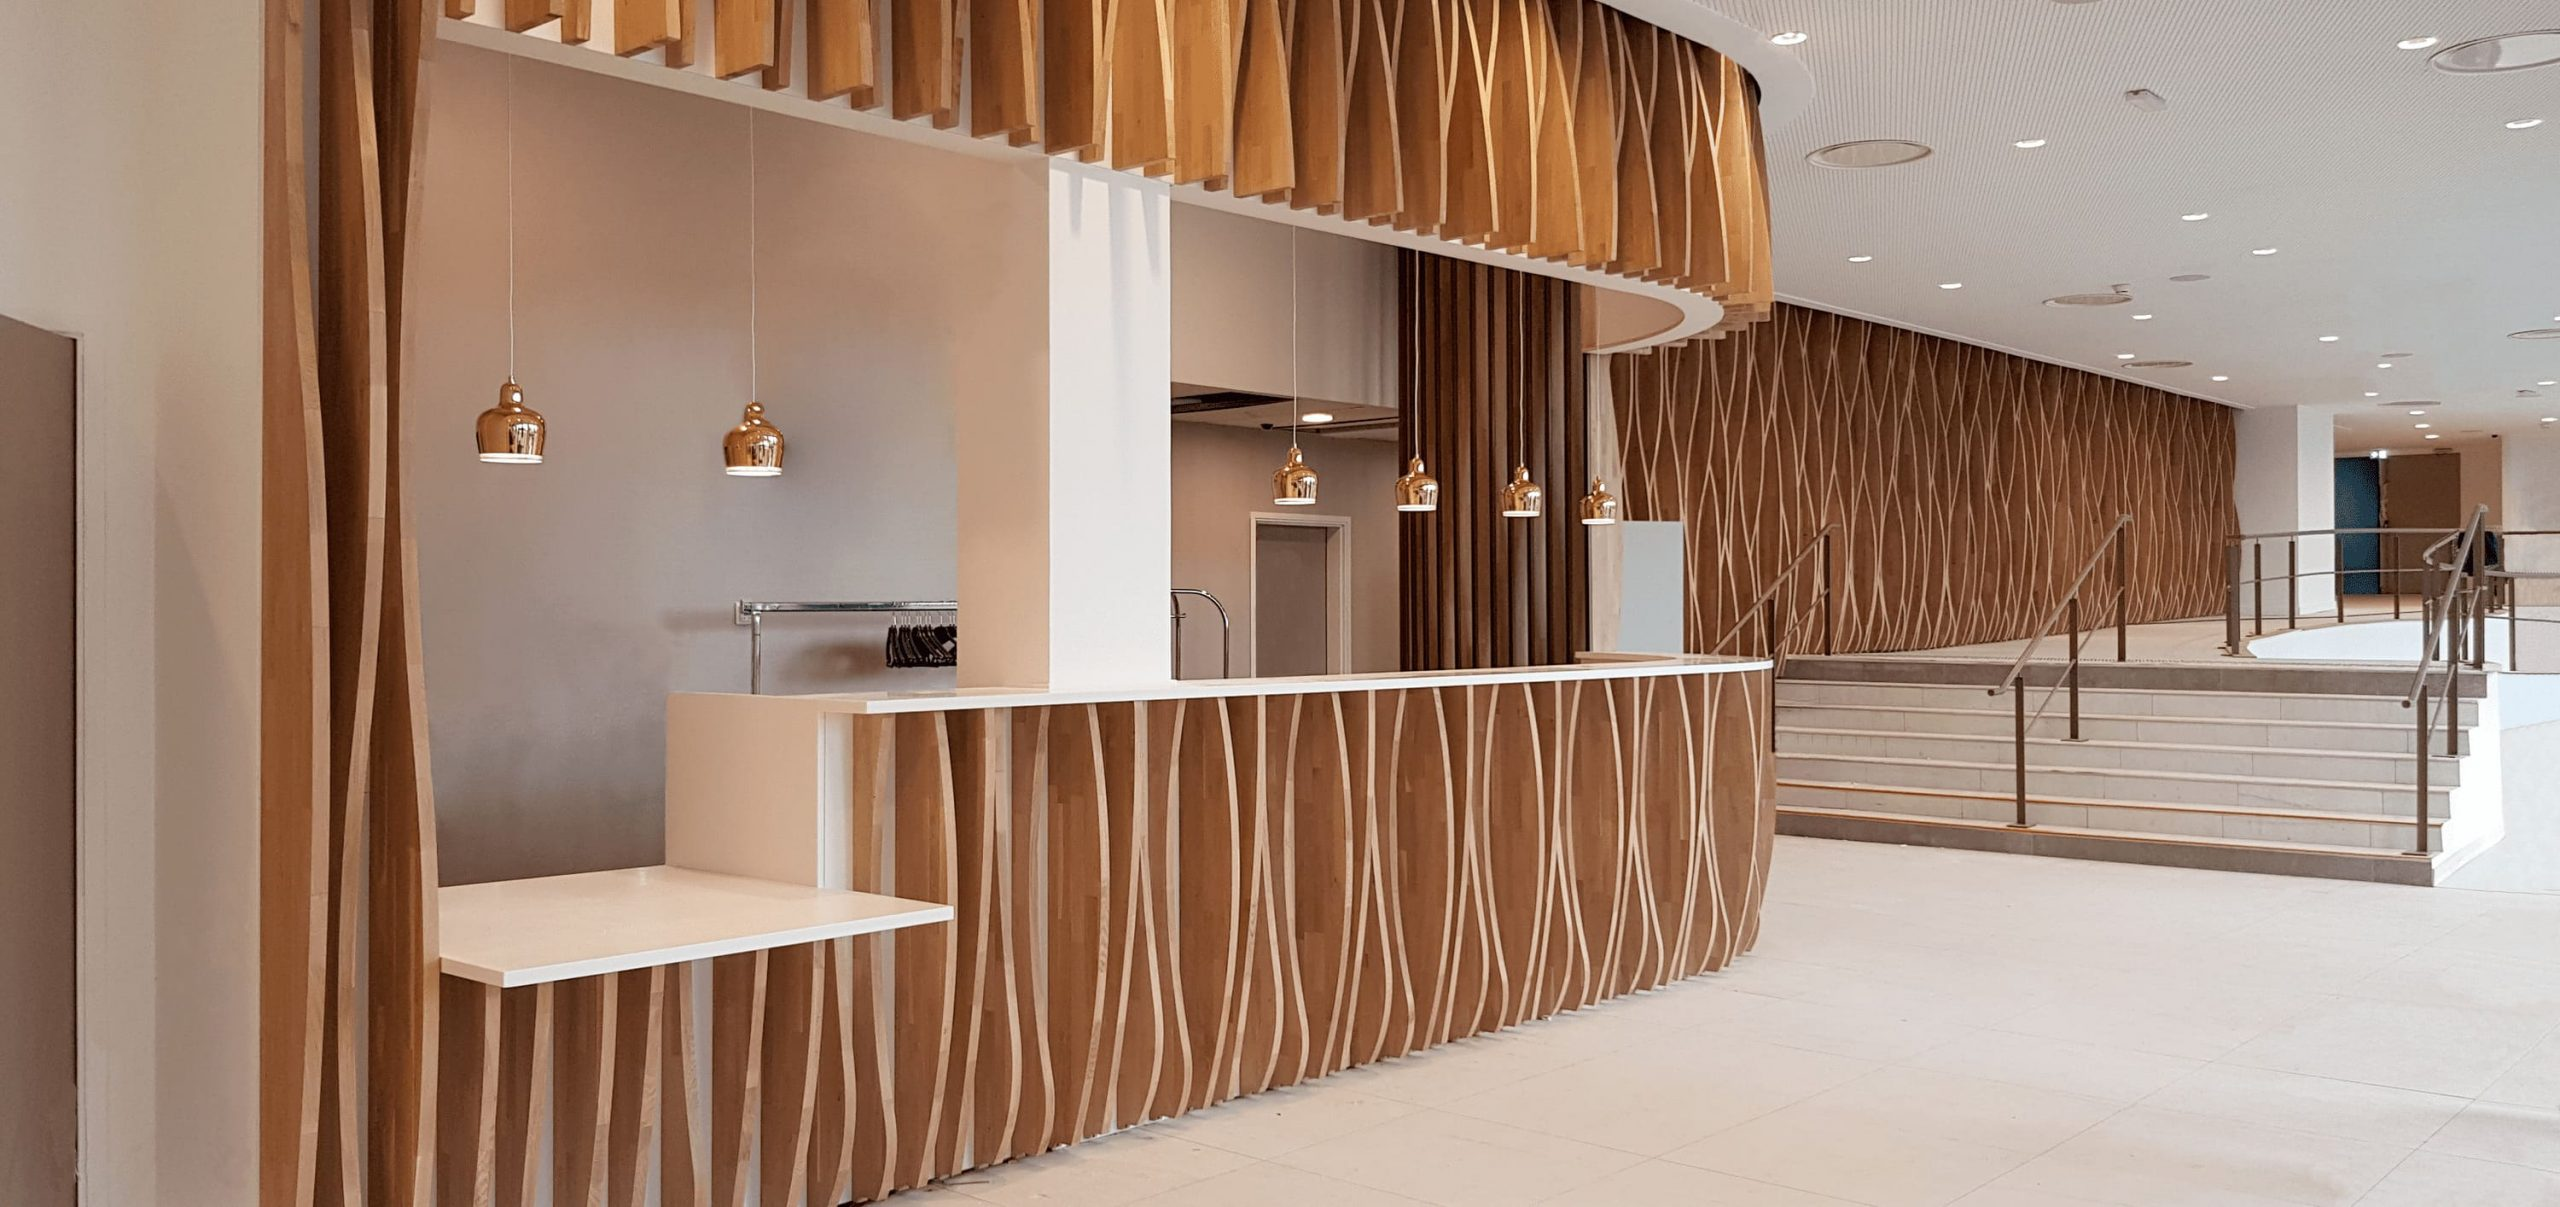 Accueil du NH Hôtel à Toulouse conçu et agencé par SAFRA Agencement